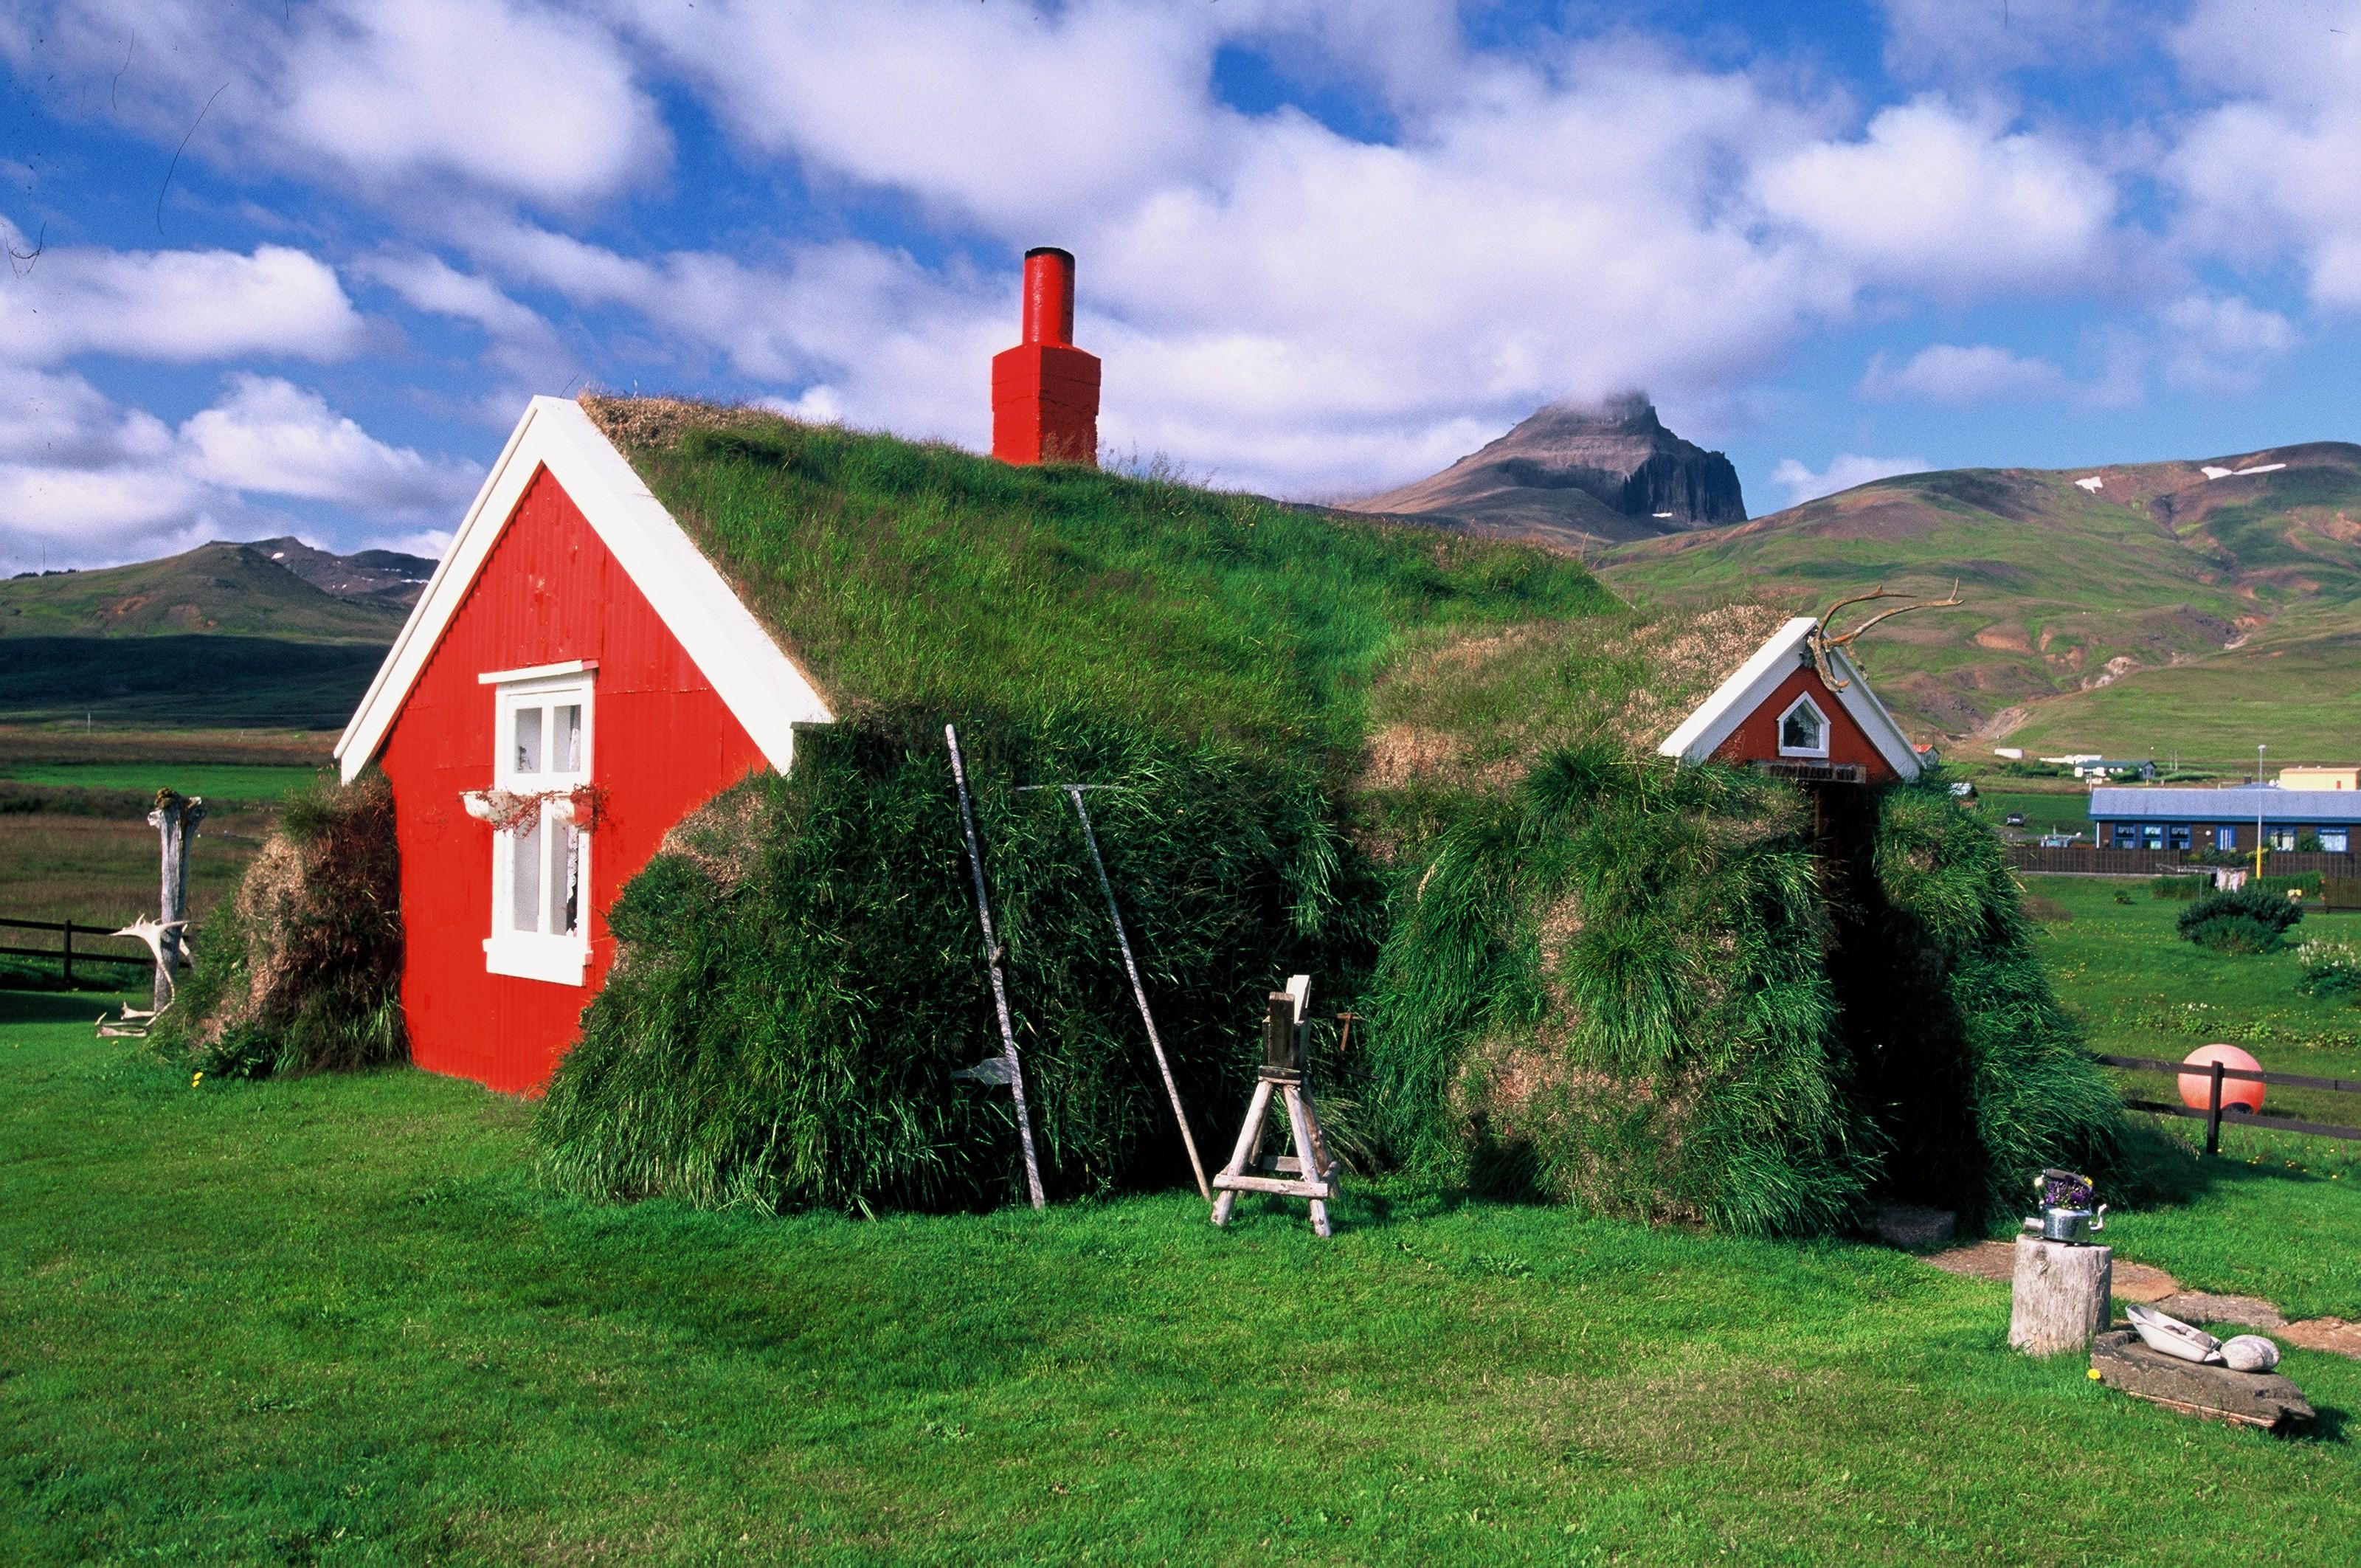 在冰岛东峡湾Borgarfjörður Eystri小镇的传统草顶房(turf)